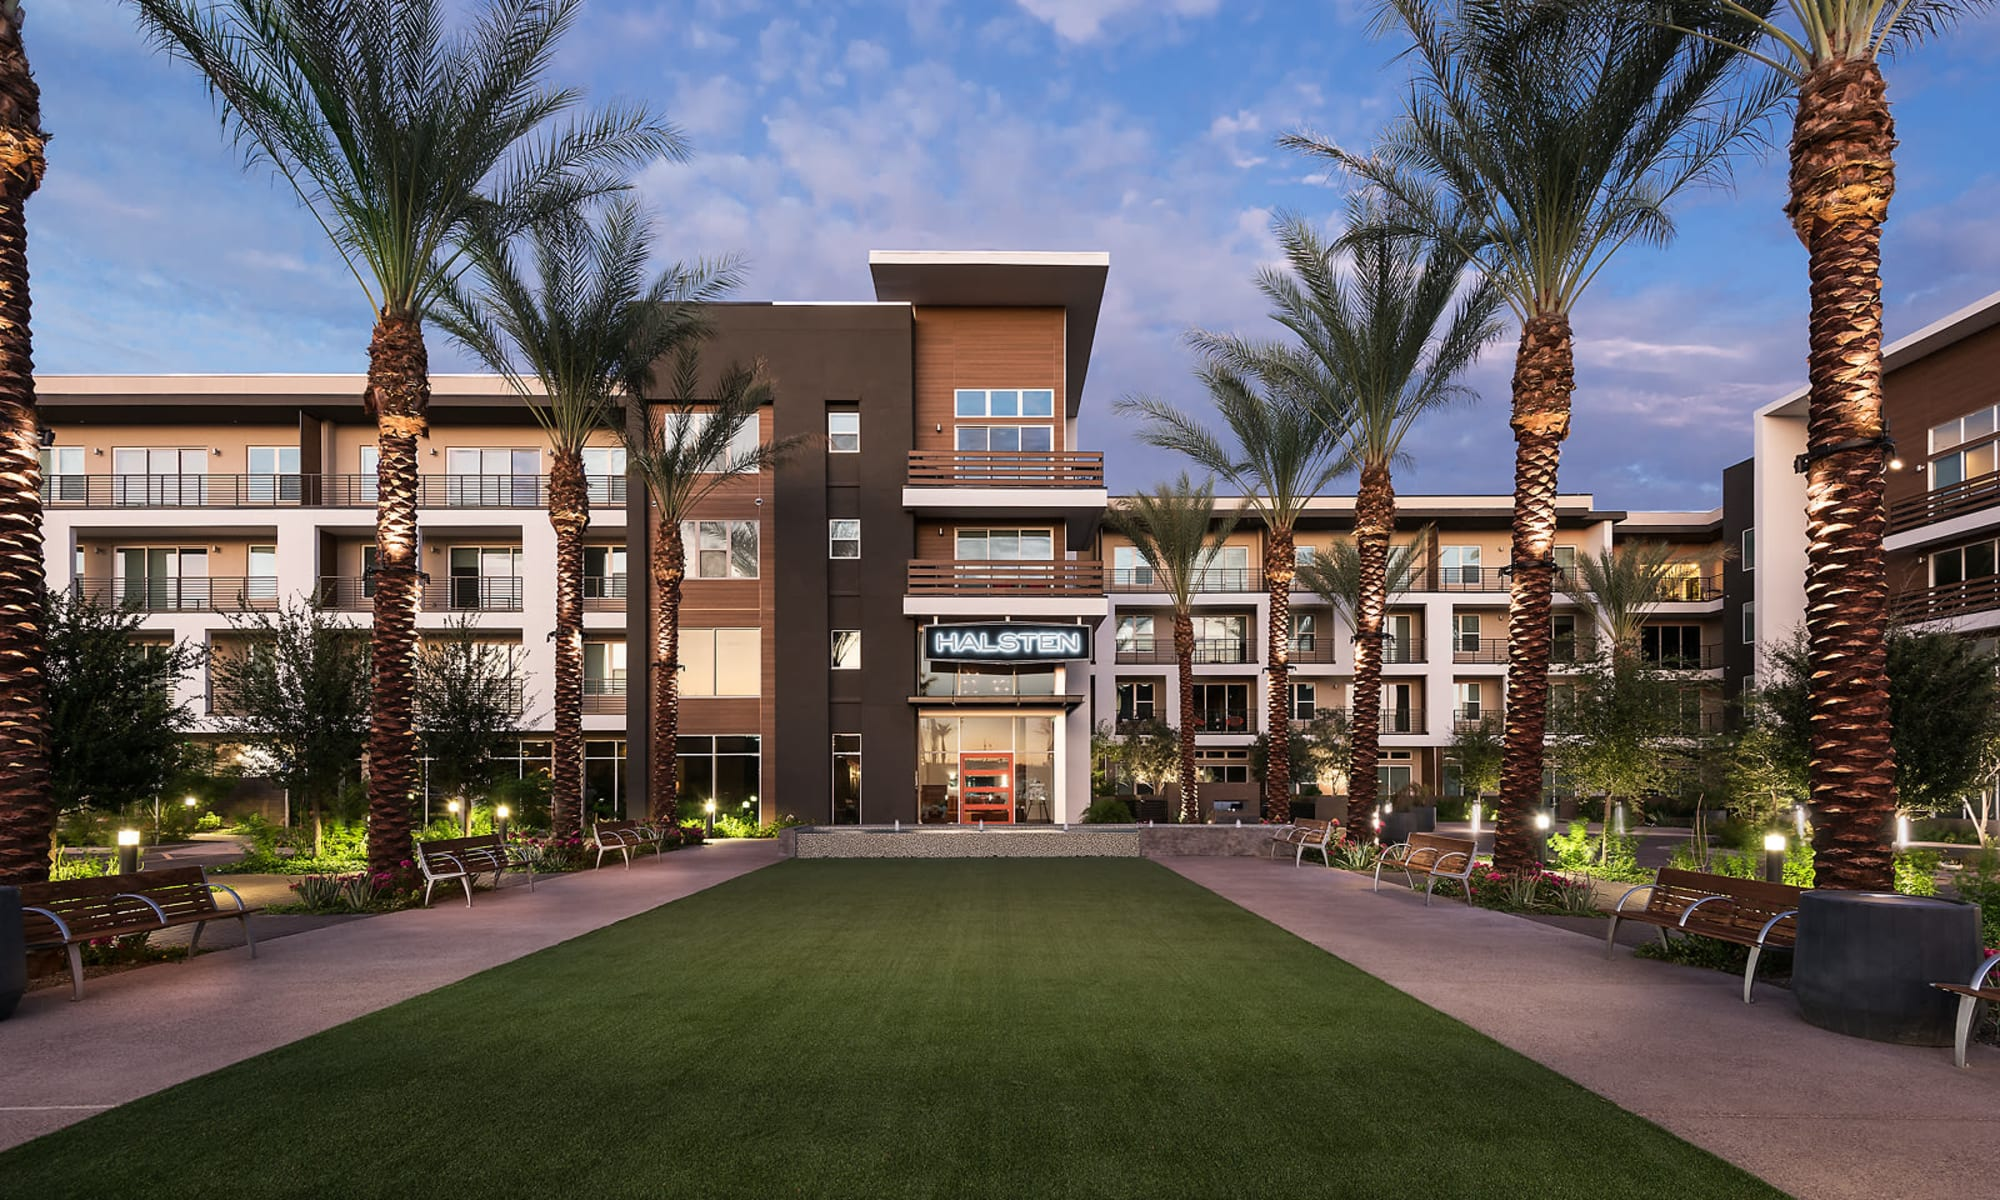 Courtyard at The Halsten at Chauncey Lane in Scottsdale, Arizona